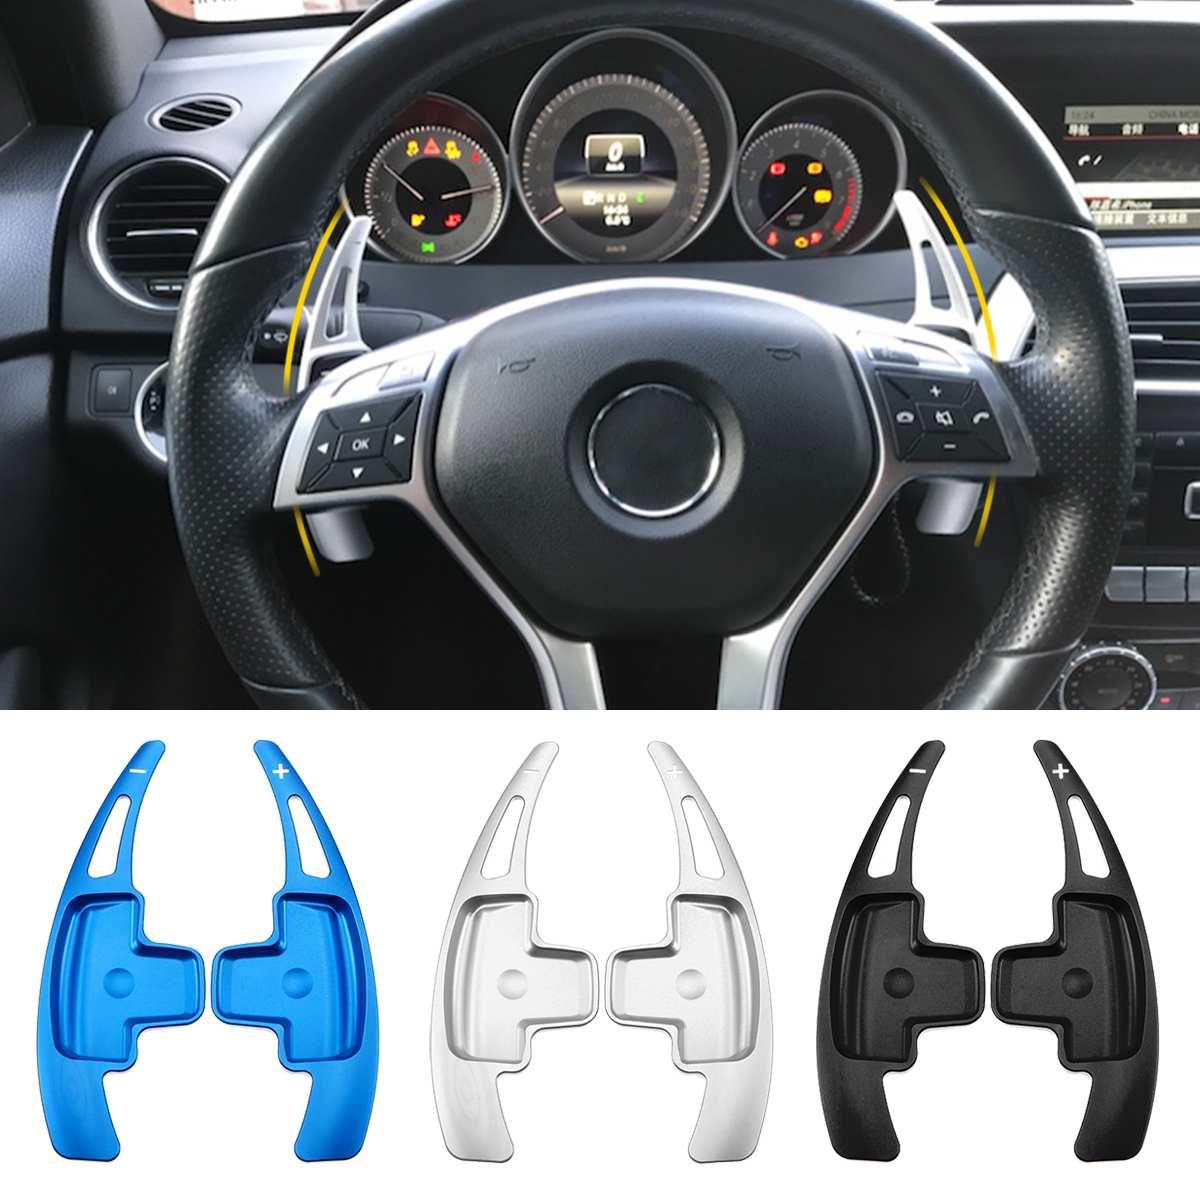 الألومنيوم عجلة توجيه سيارة تحول مجداف شيفتر التمديد ل بنز W176 W205 W212 W222 W246 C117 W218 X156